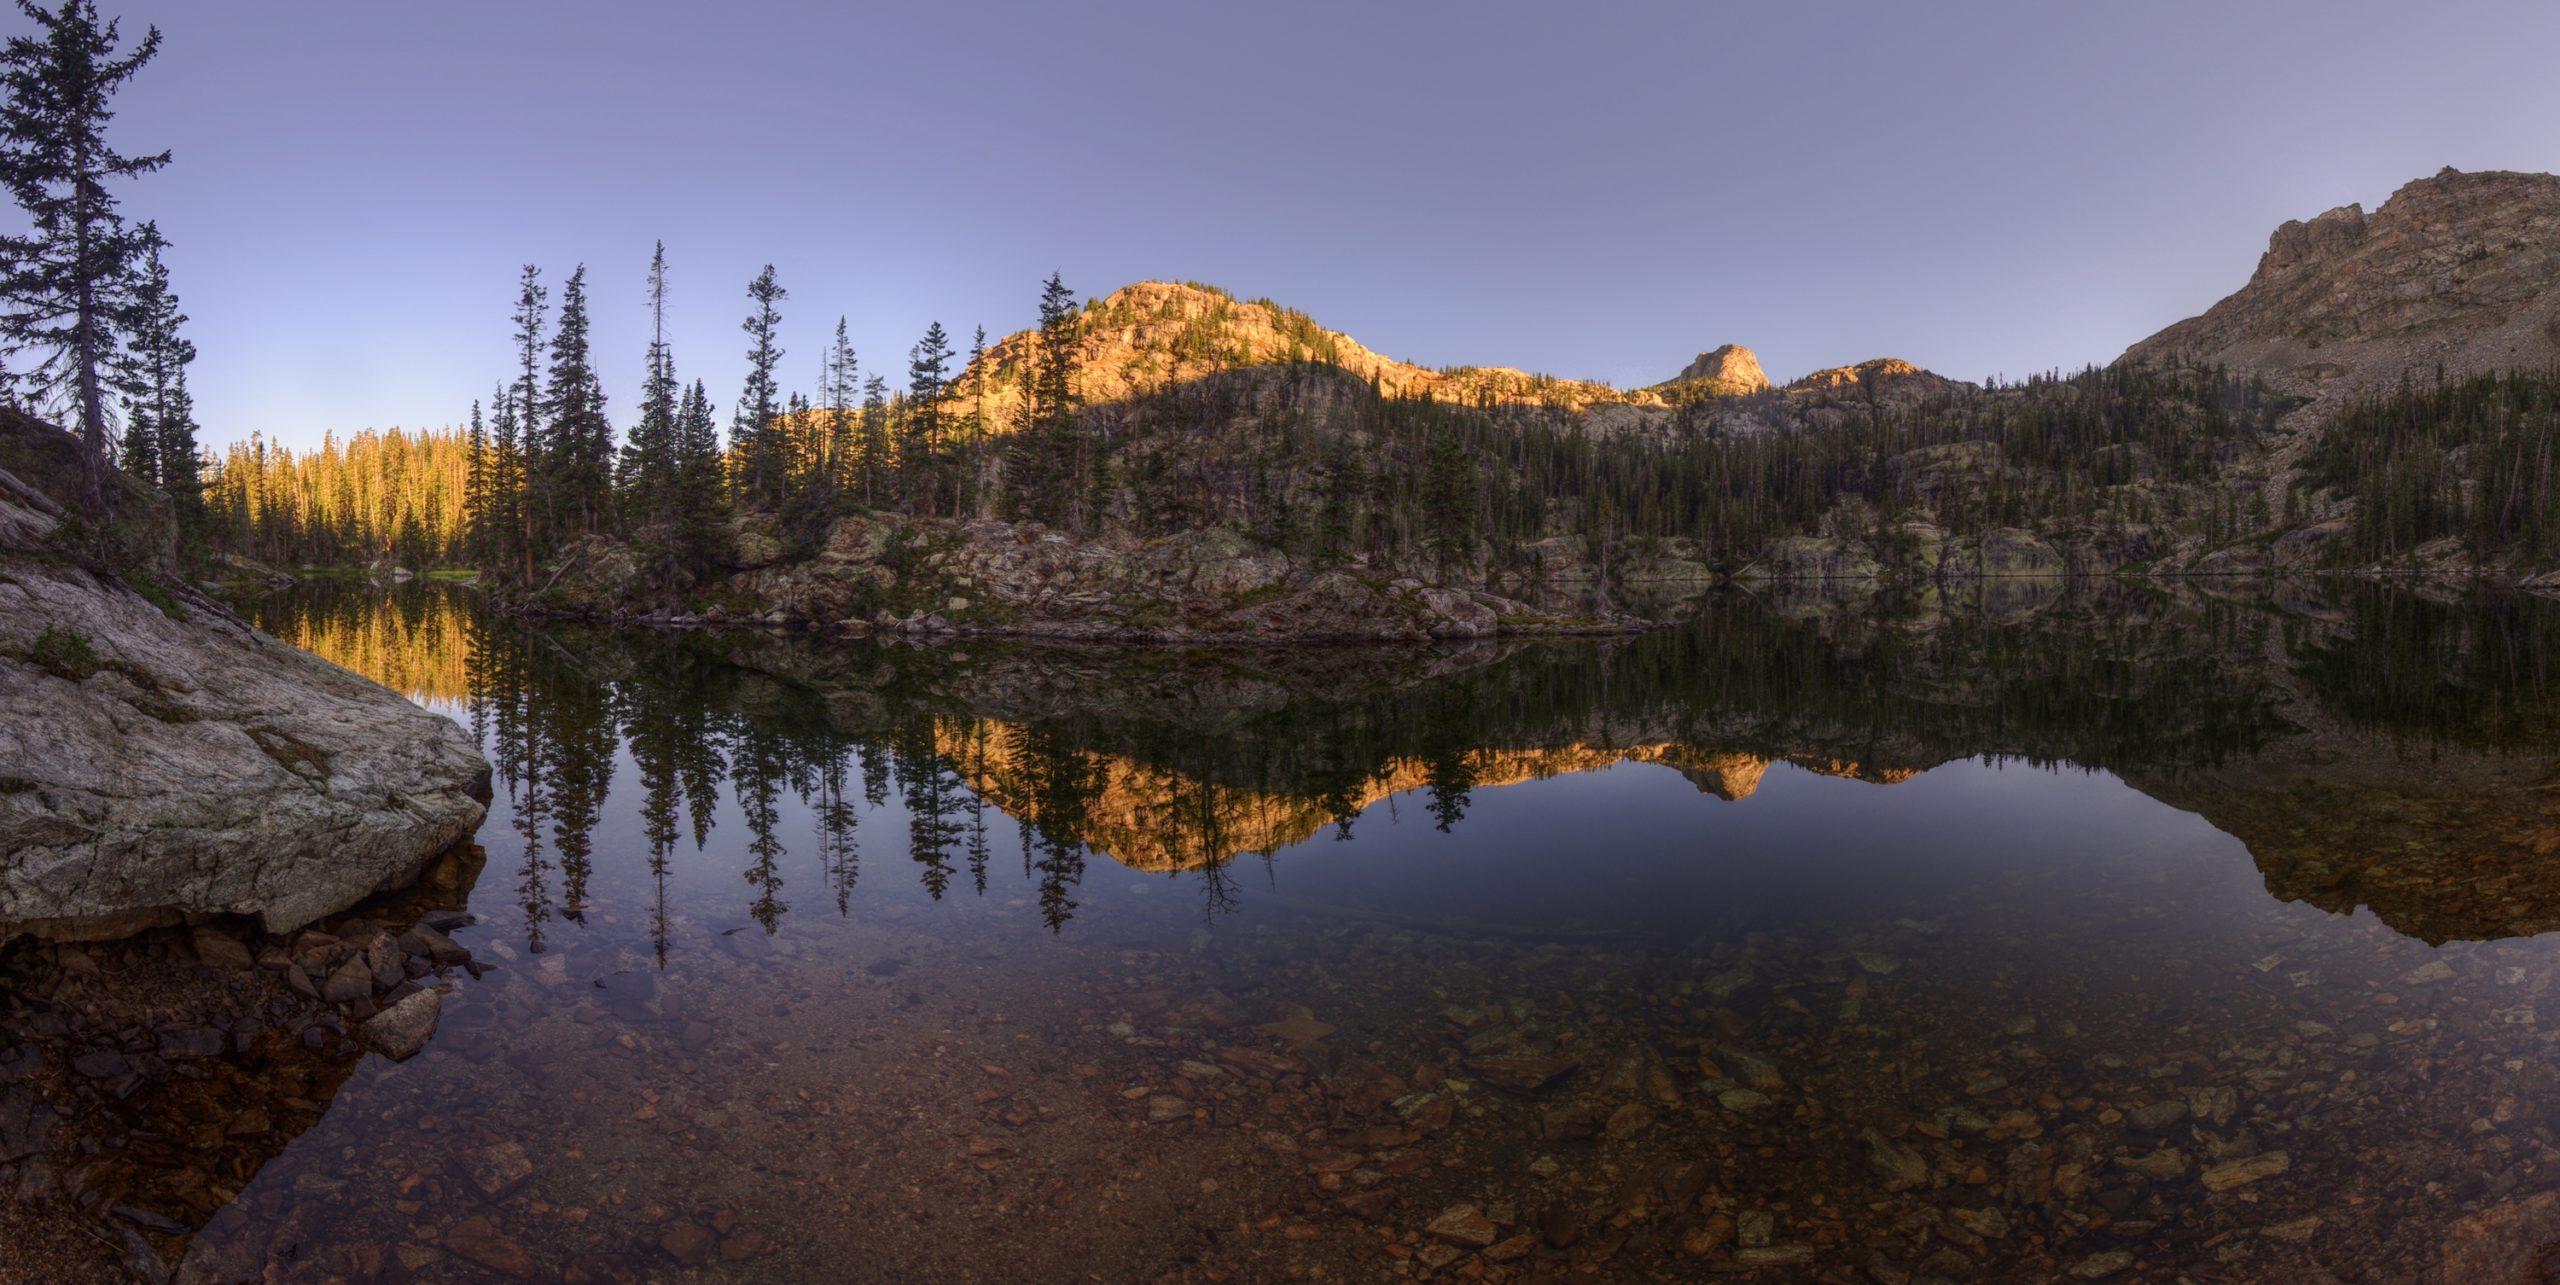 Morning at Gourd Lake